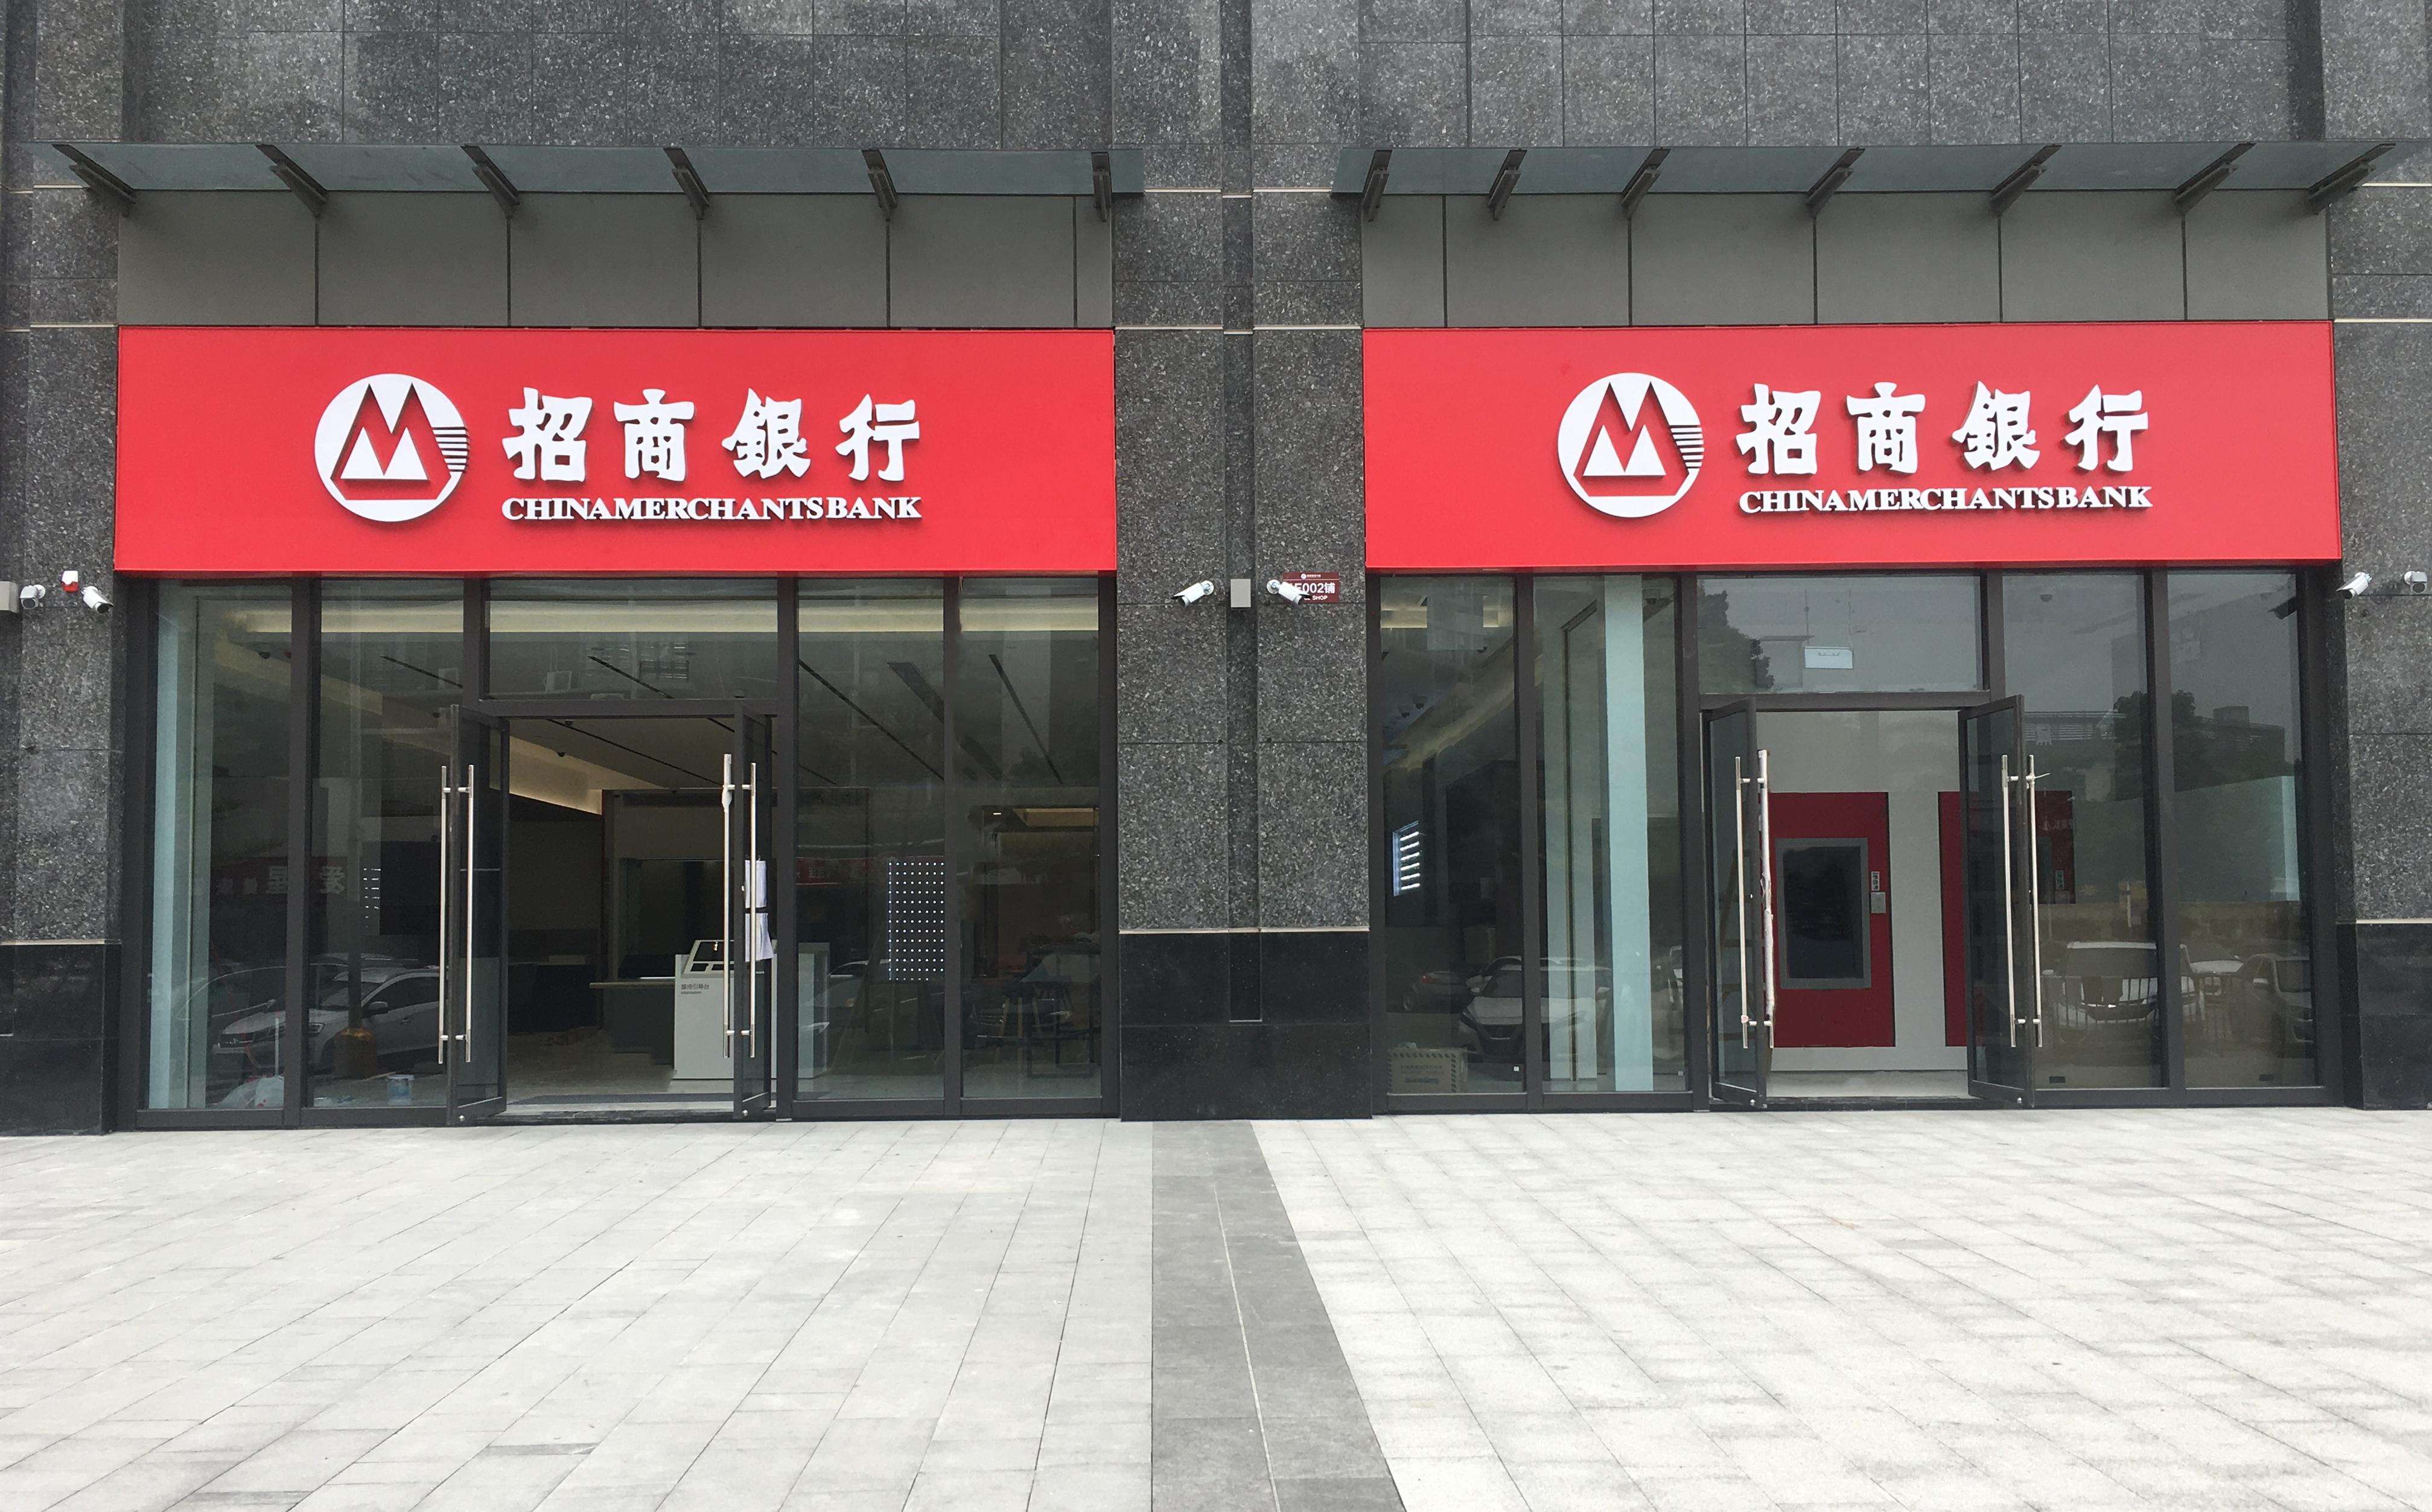 喜讯来了!招商银行强势进驻德富置业大厦,首家3.0网点乐从支行要试业啦~~~